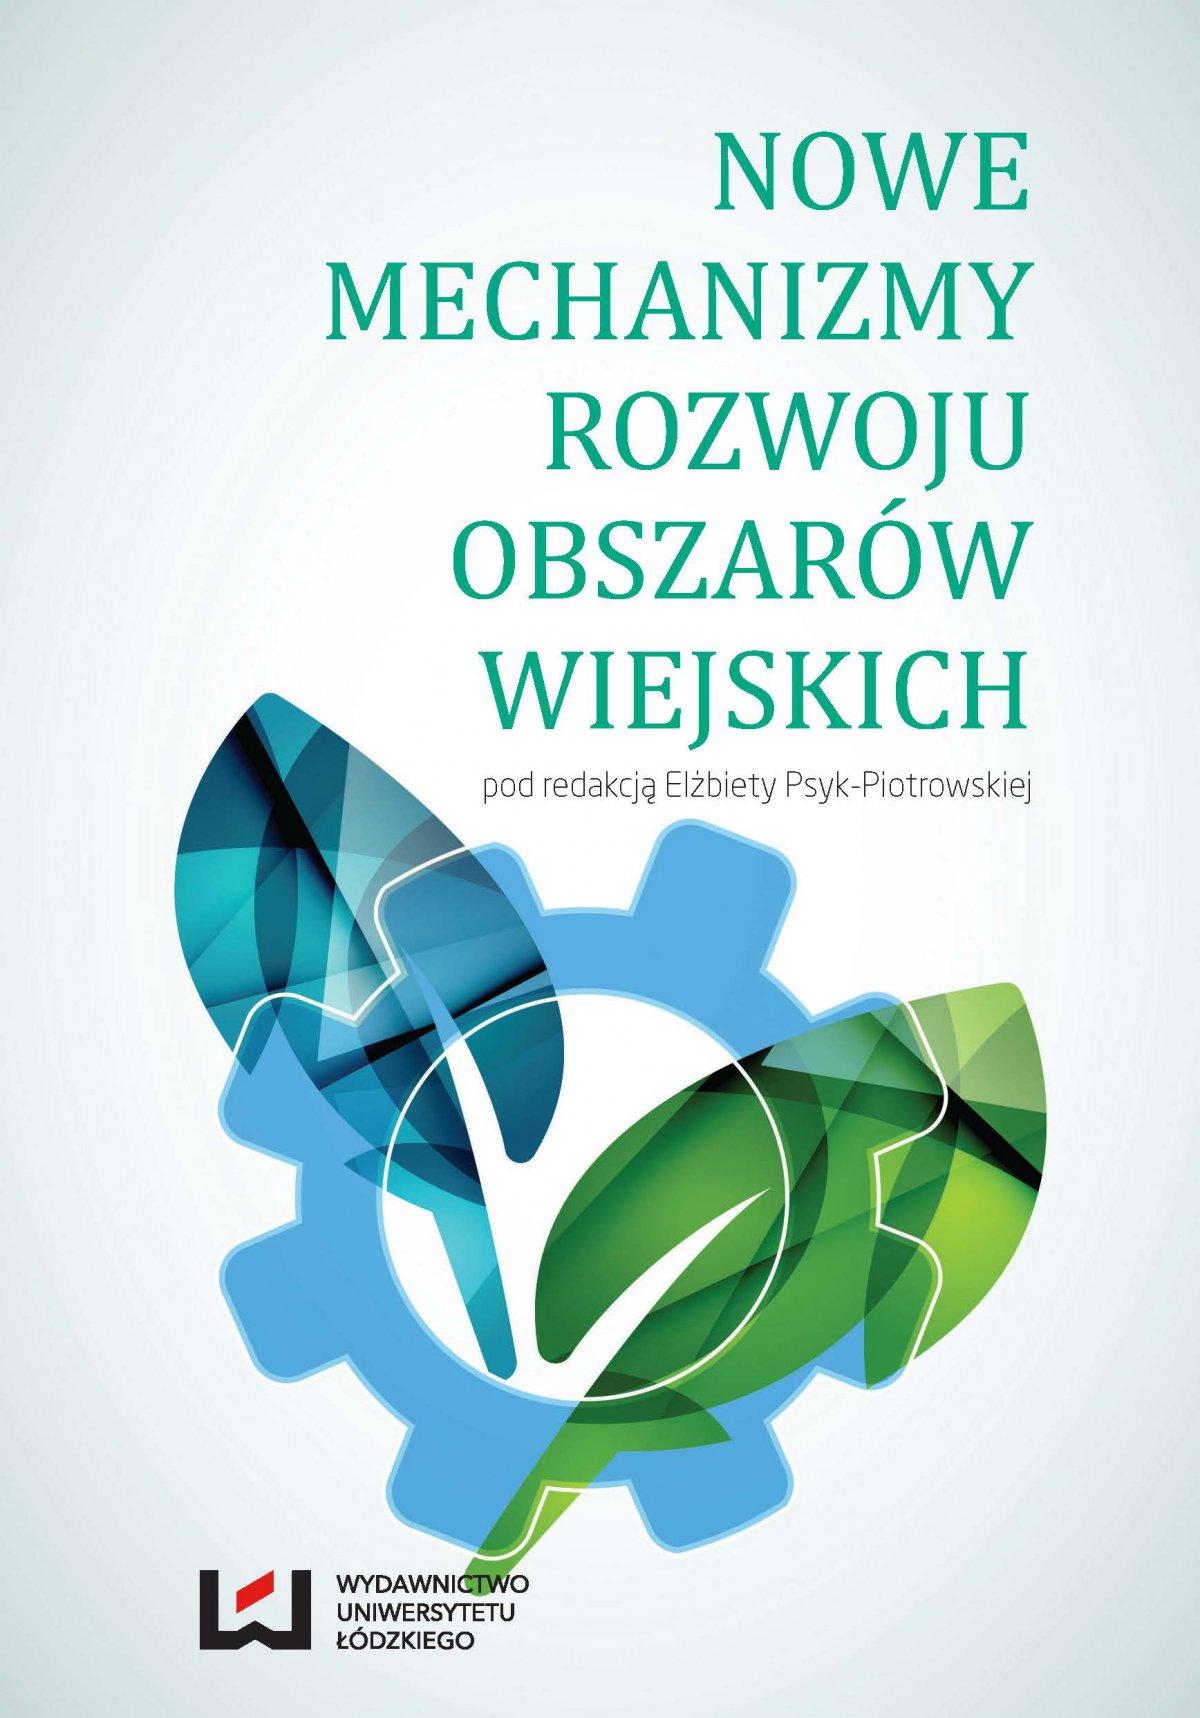 Nowe mechanizmy rozwoju obszarów wiejskich - Ebook (Książka PDF) do pobrania w formacie PDF